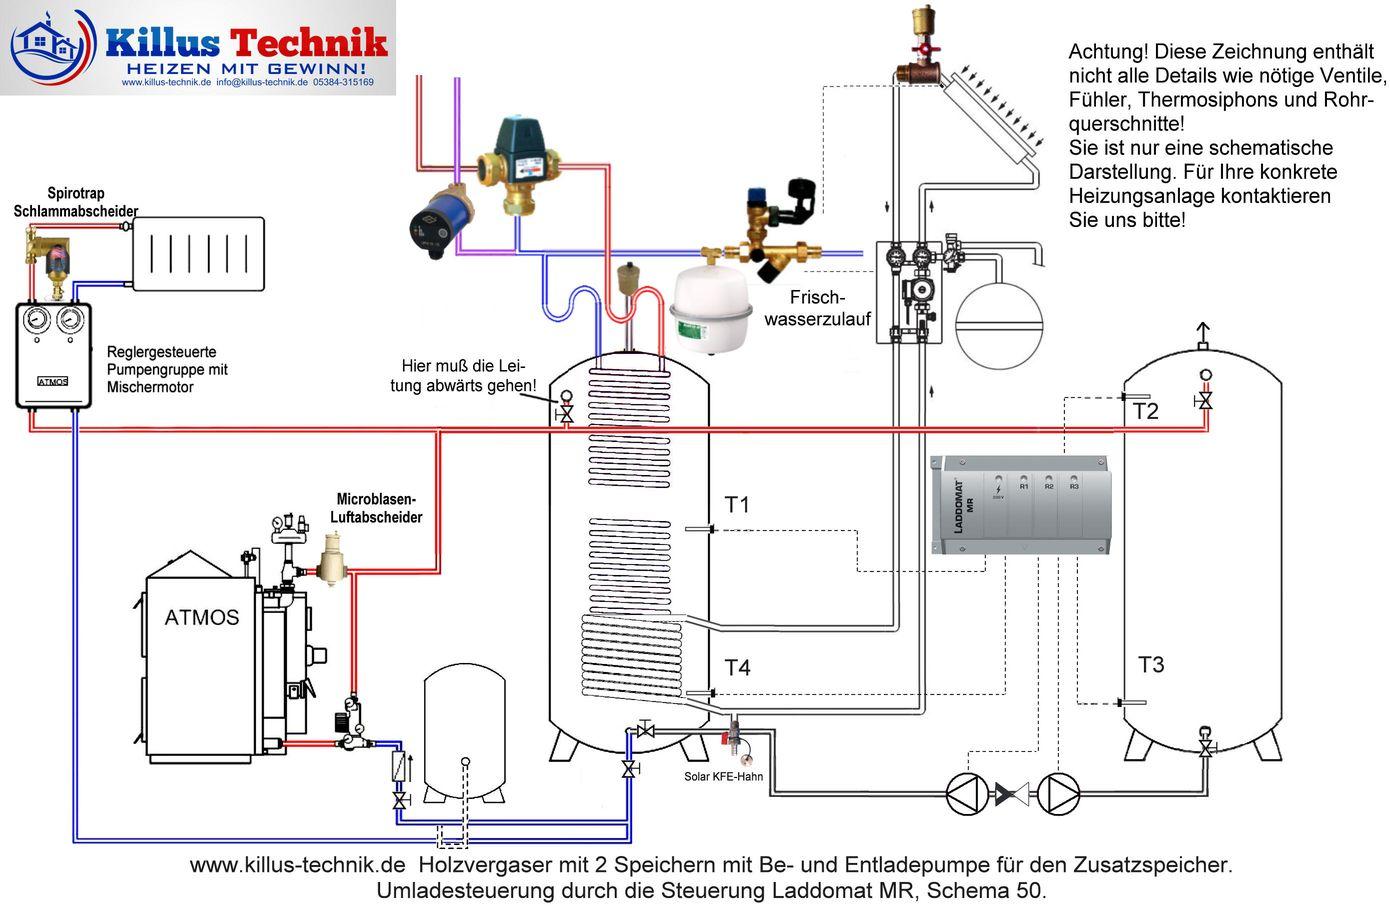 ATMOS Holzvergaserkessel und Solaranlage mit Hygienespeicher und Zusatzspeiche sowie Laddomat MR und 5000 zum Umladen Killus-Technik.de